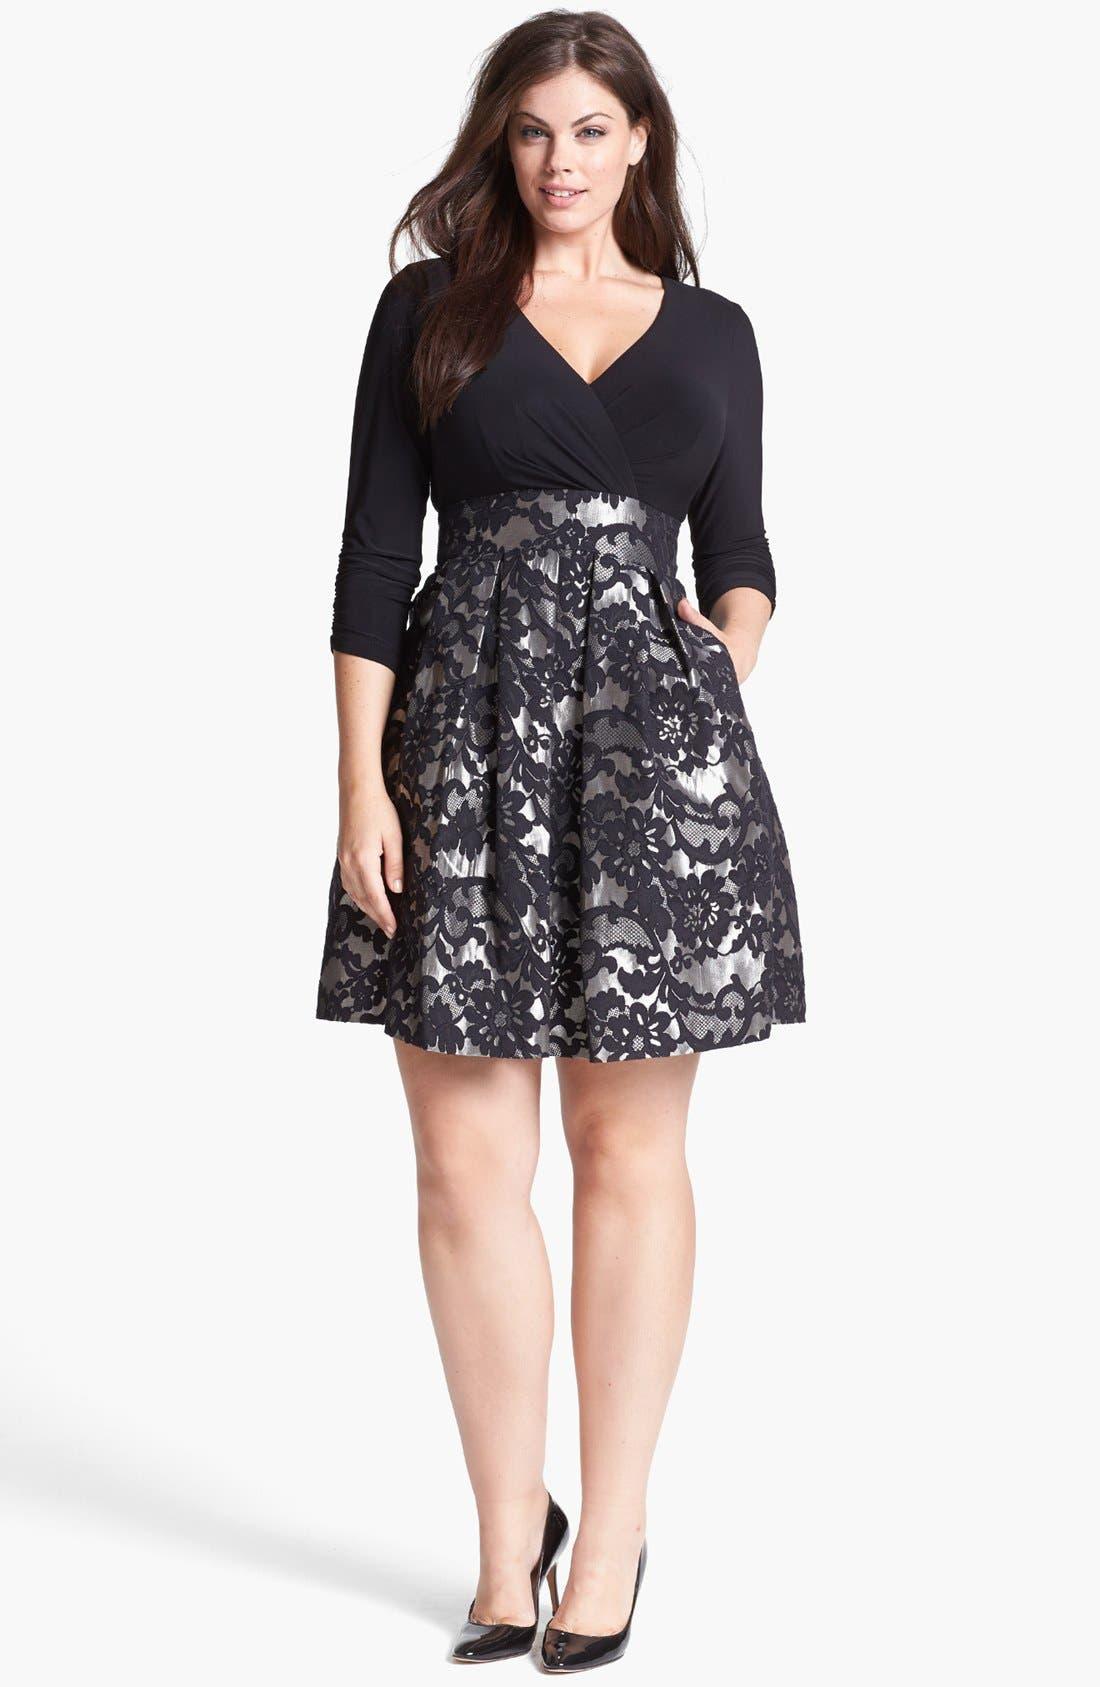 Main Image - Eliza J Jacquard Skirt Dress (Plus Size)